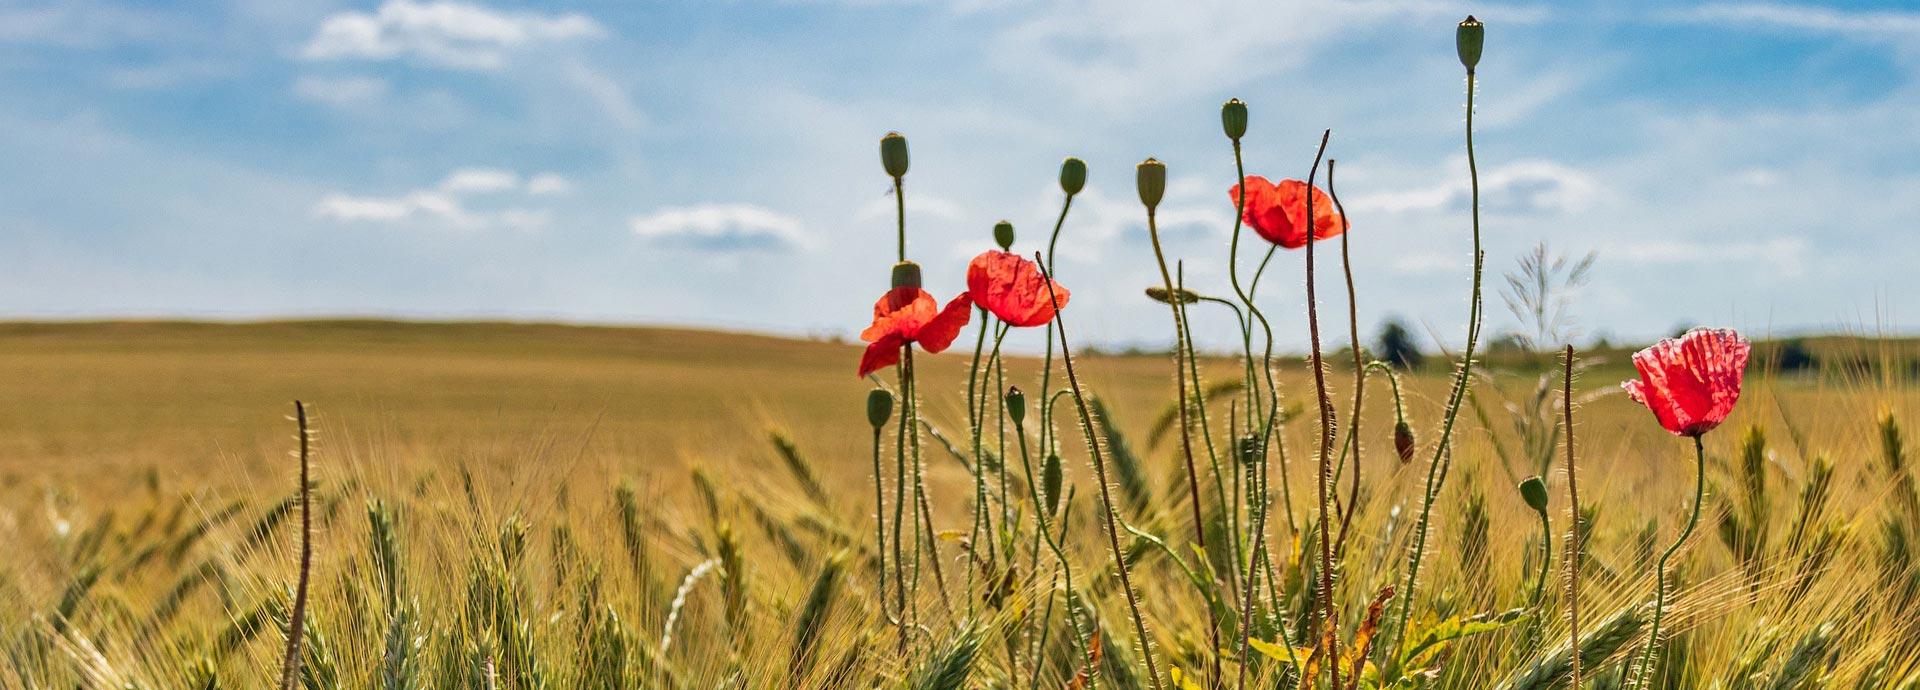 Klima-Bauern - Feld mit Mohn